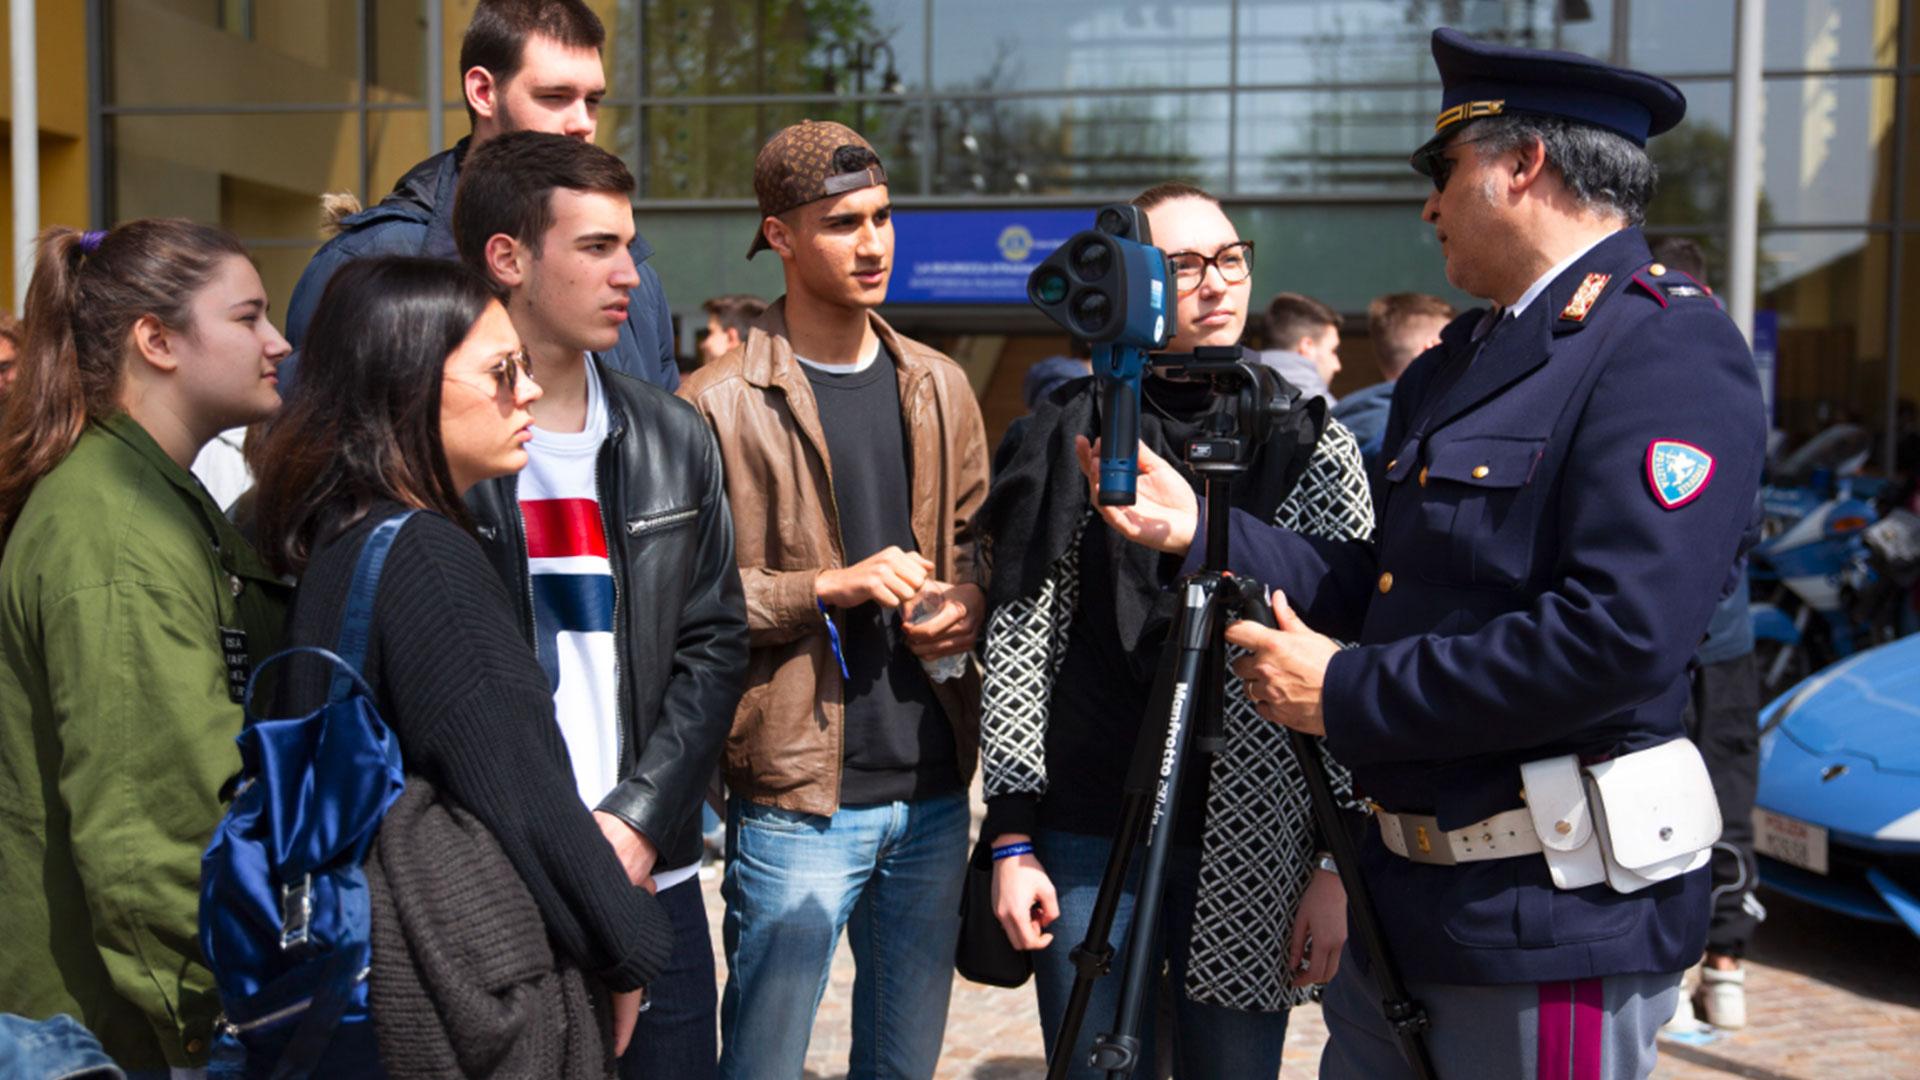 """Torna a Parma """"La Sicurezza Stradale per i giovani"""". Scuderia de Adamich al fianco del Lions Club Parma Host per promuovere l'iniziativa."""